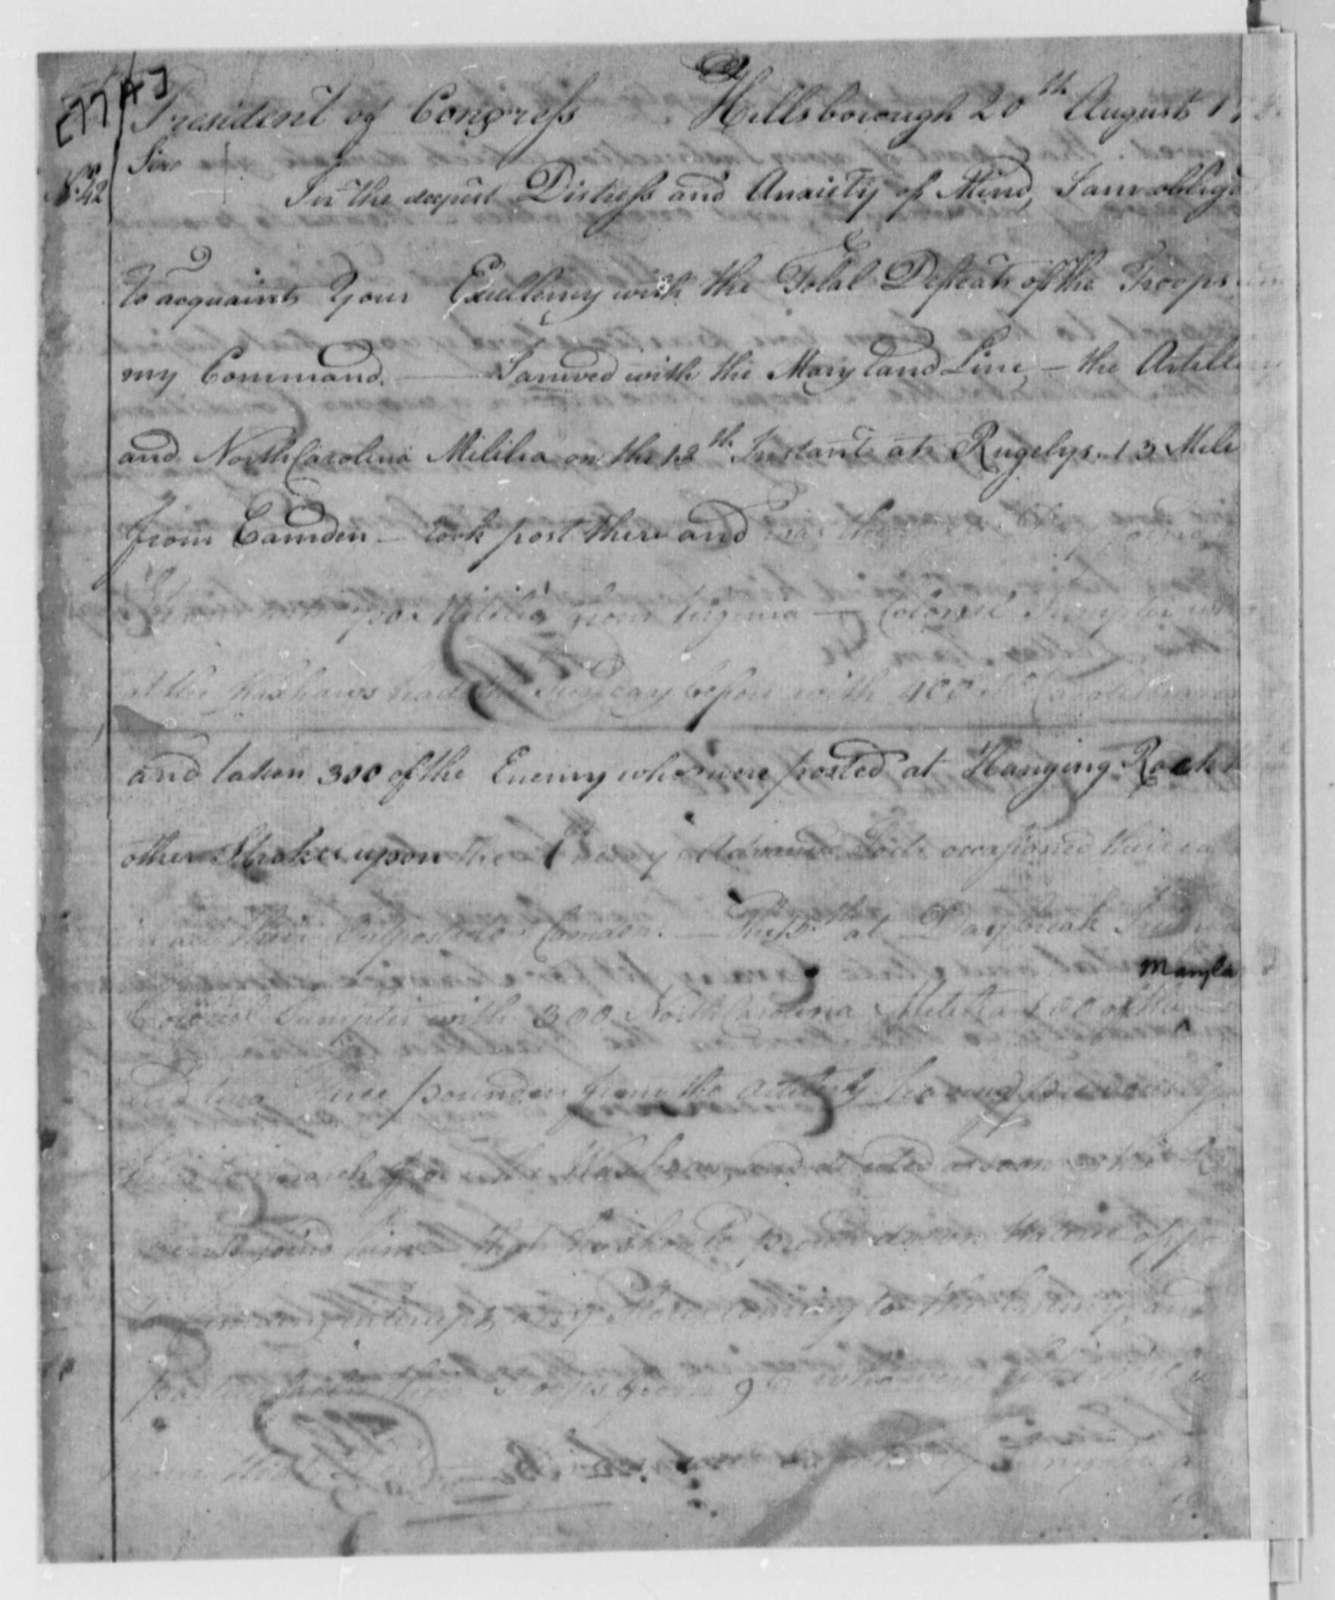 Horatio Gates to Samuel Huntington, September 20, 1780